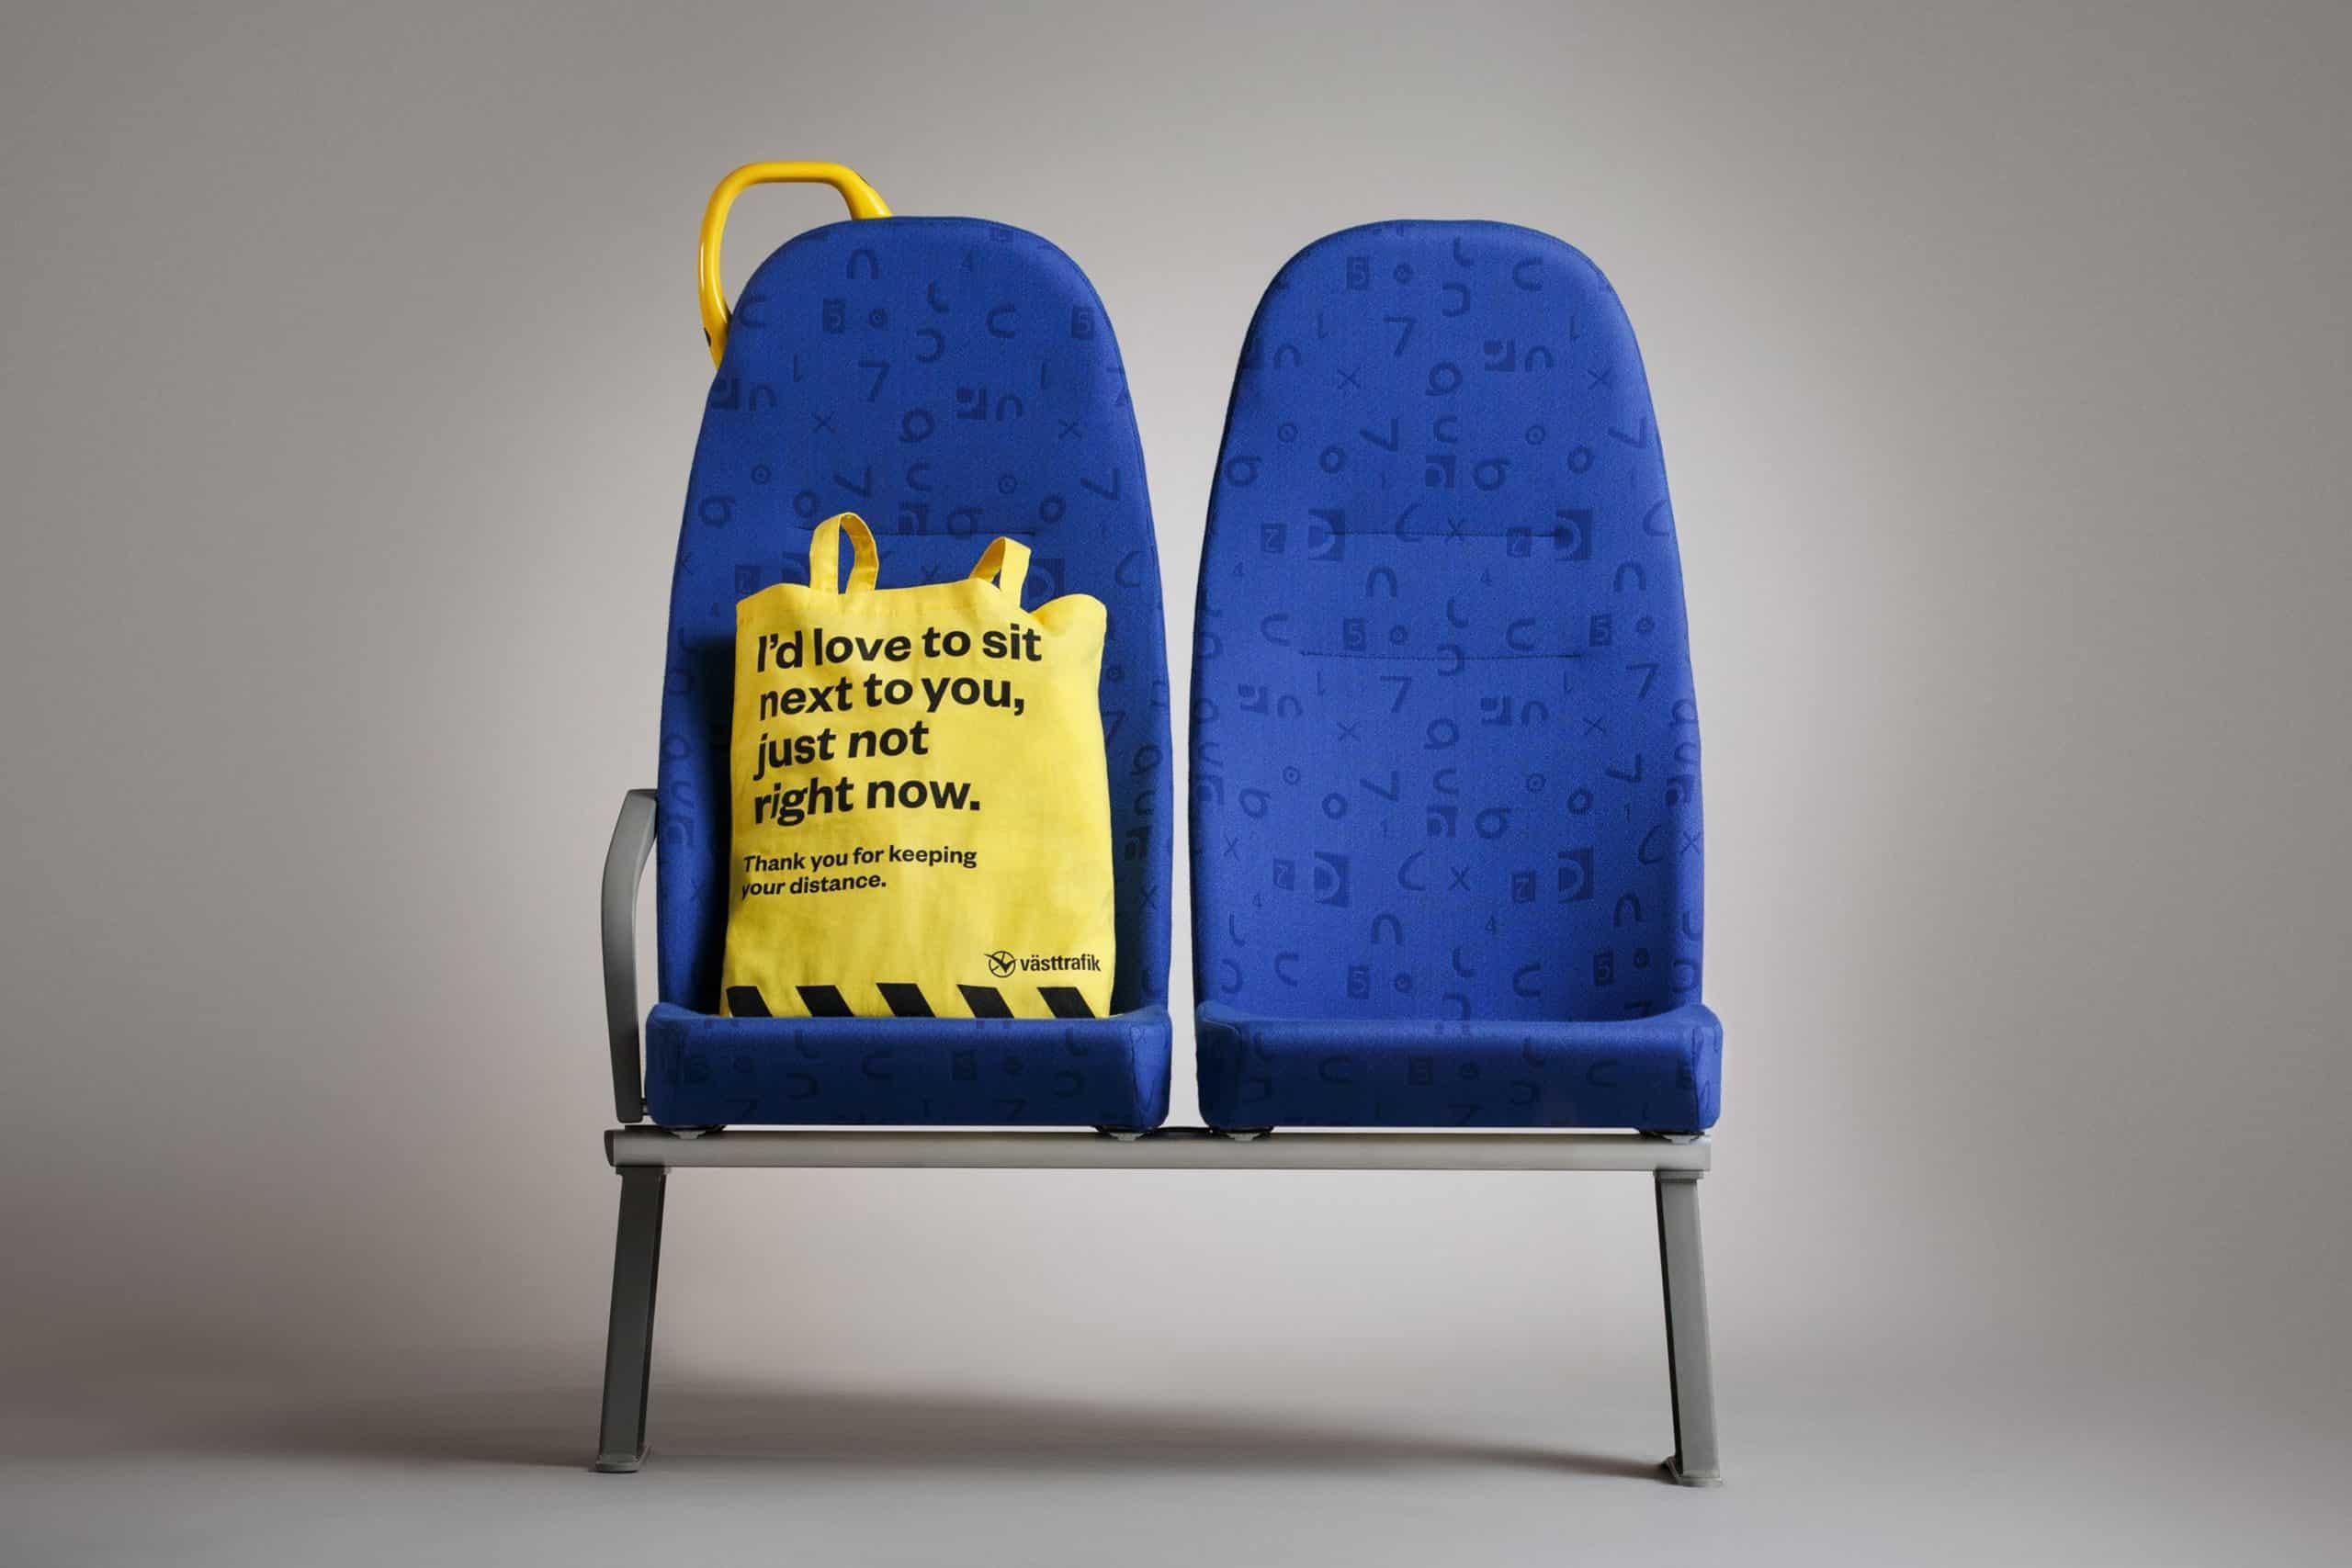 Diseñan en Suecia una bolsa para ayudar a pasajeros a mantener la distancia social en el transporte público 4